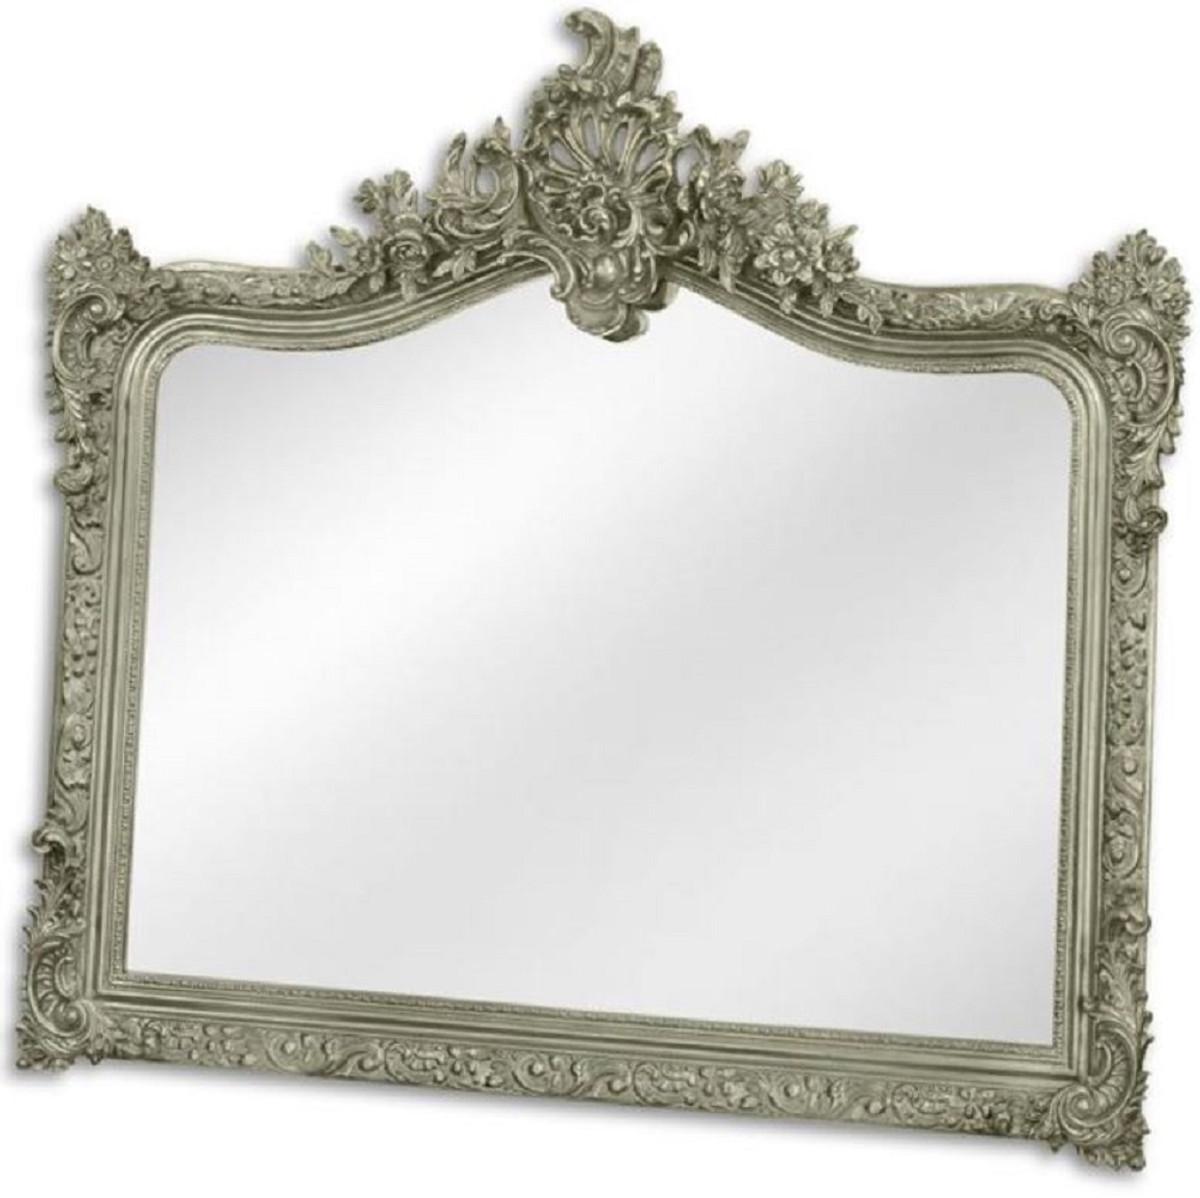 Casa Padrino Barock Spiegel Silber 7 x H. 7 cm - Garderoben Spiegel -  Wohnzimmer Spiegel - Prunkvoller Wandspiegel im Barockstil